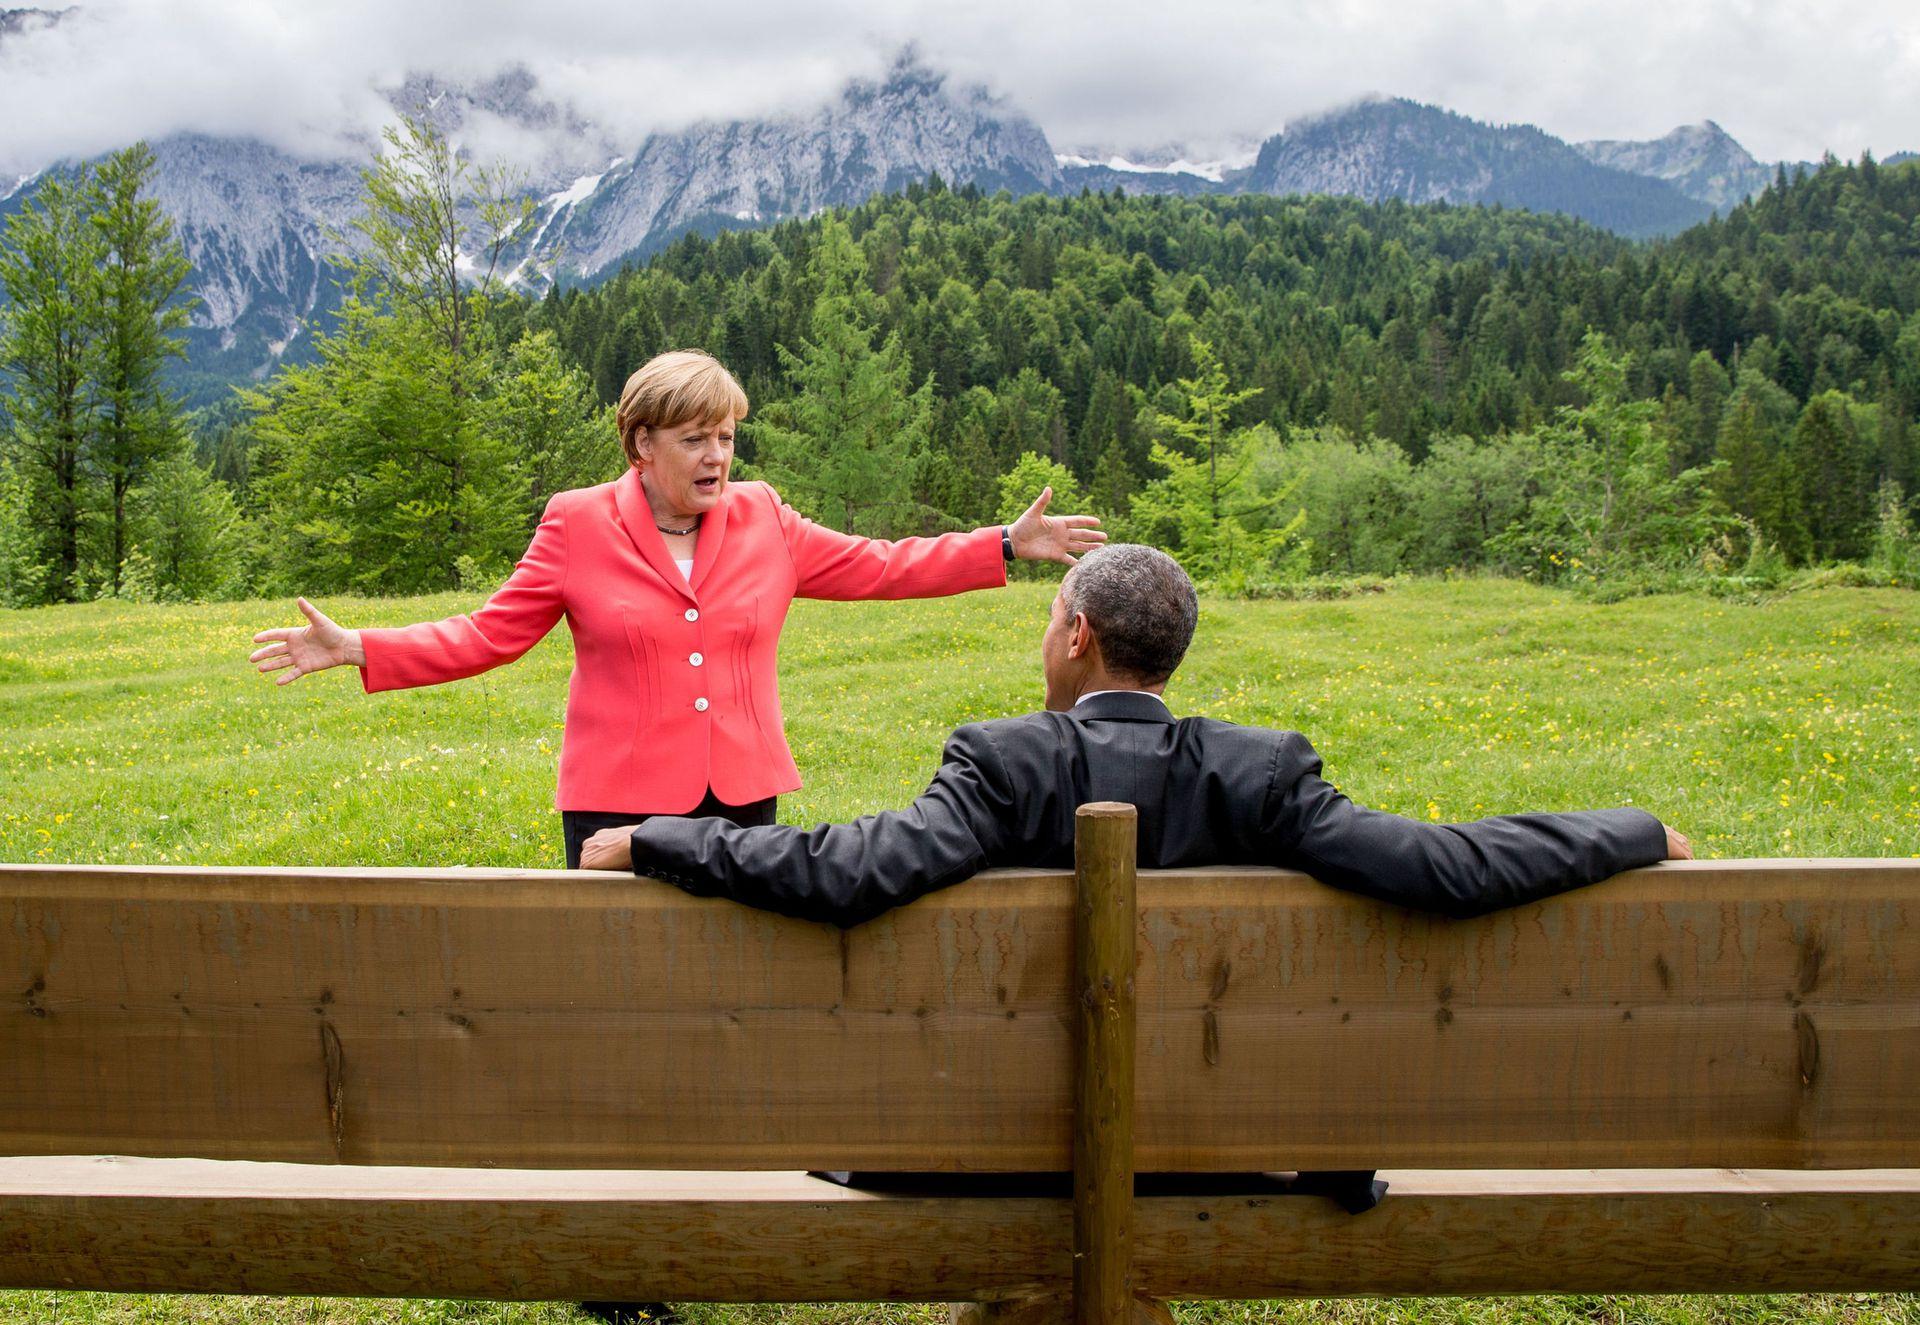 Una conversación entre Merkel  y el presidente estadounidense, Barack Obama, fuera del castillo de Elmau después de una sesión de trabajo de una cumbre del G7 cerca de Garmisch-Partenkirchen, en el sur de Alemania, el 8 de junio de 2015